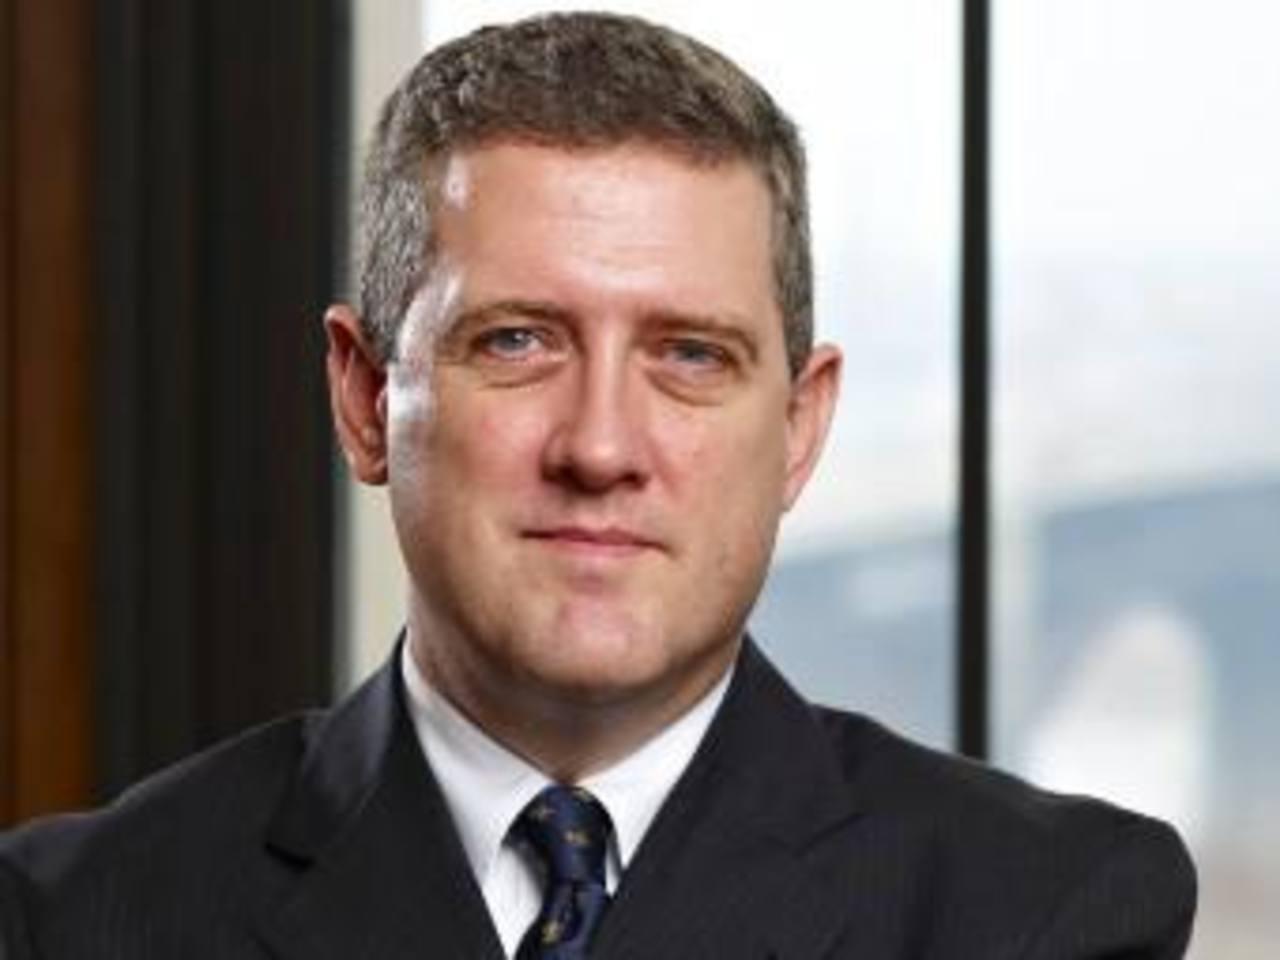 El presidente del banco de la Reserva Federal de St. Louis, James Bullard.